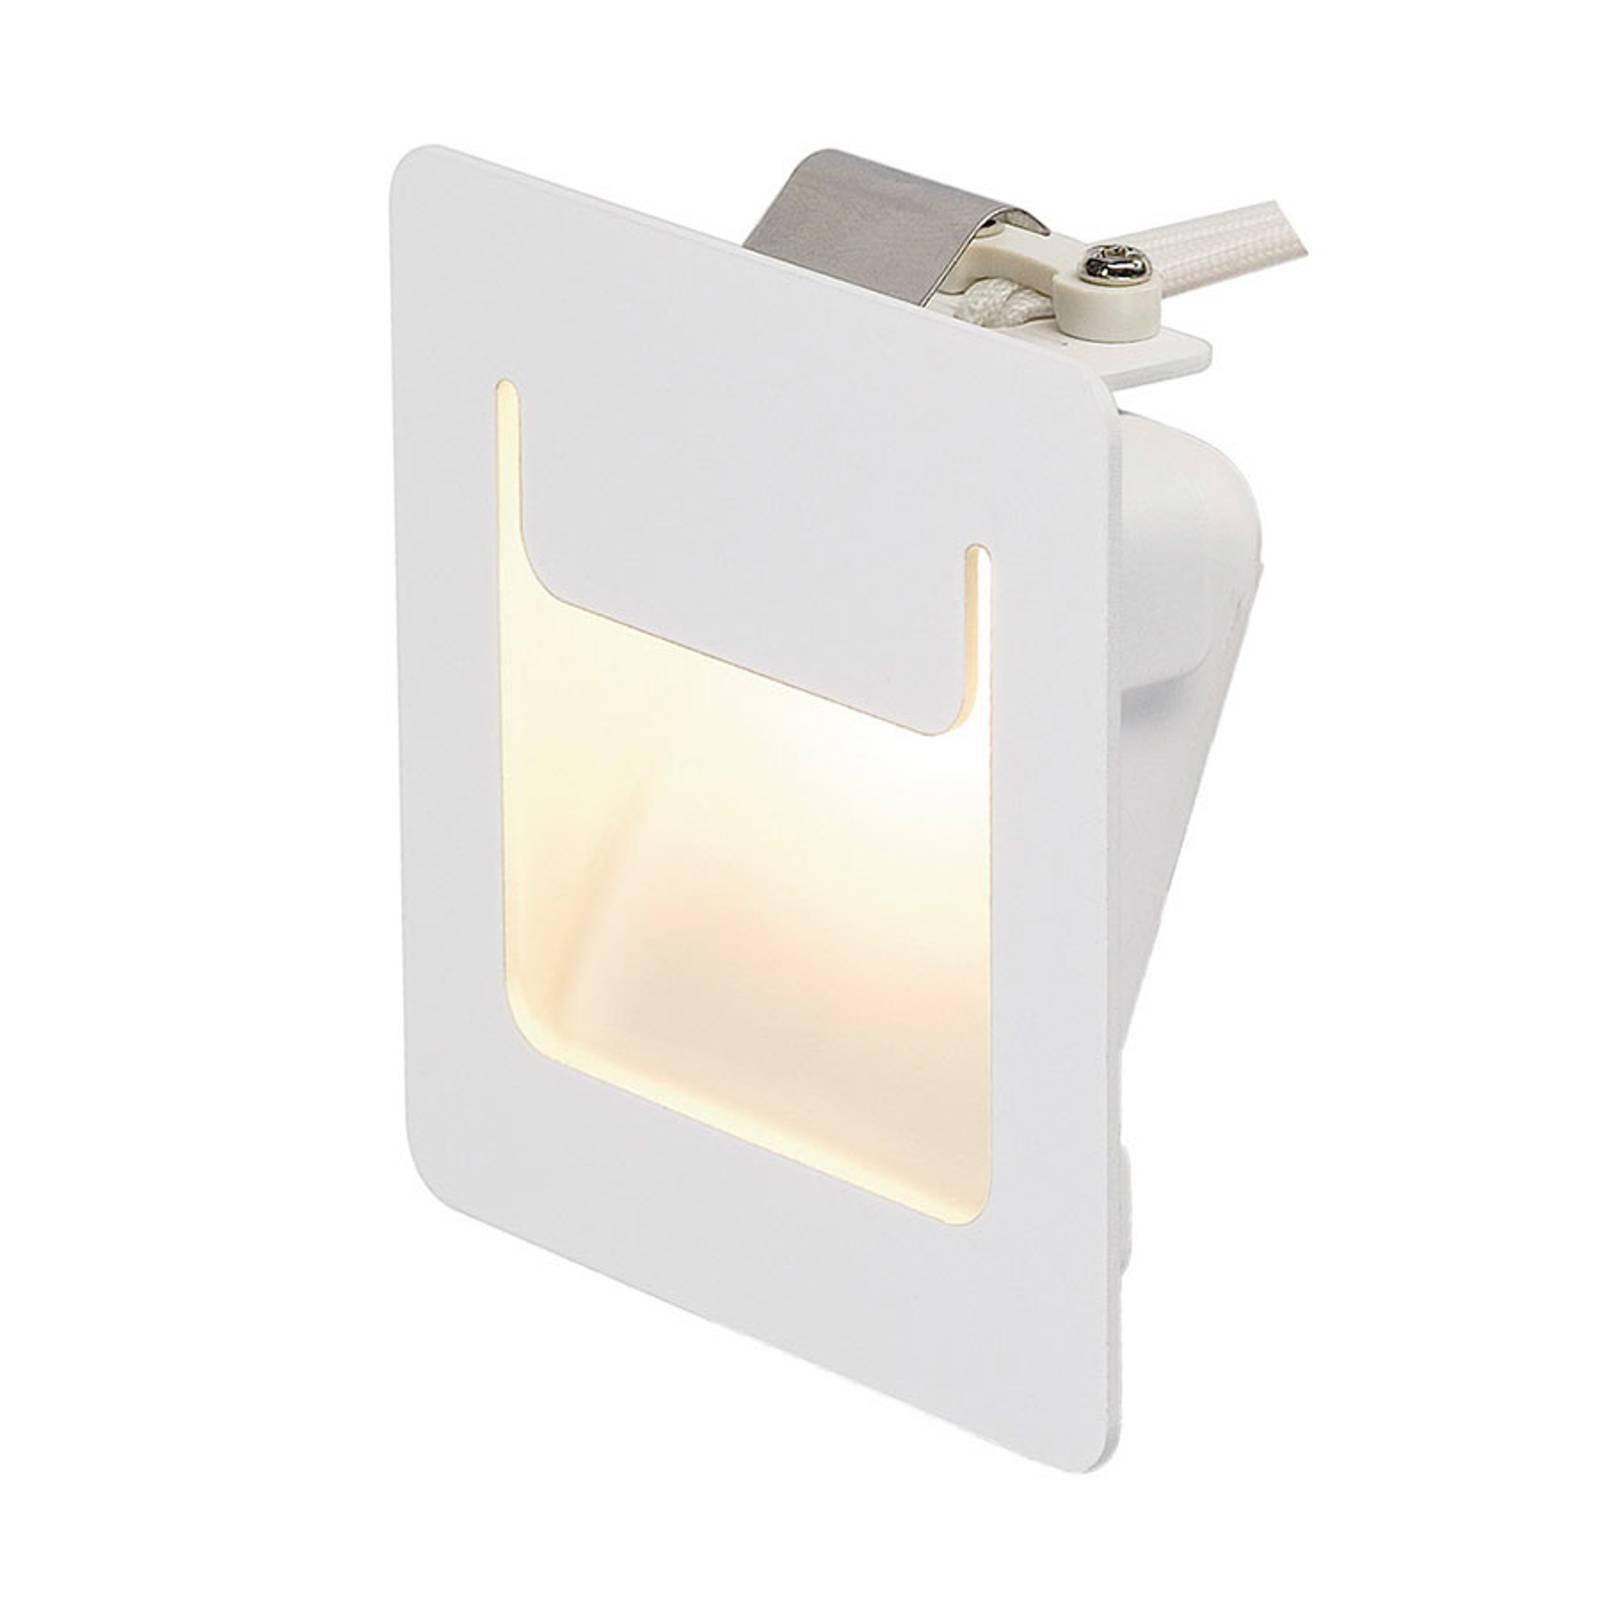 SLV LED-downlight Downunder Pur 80 LED hvit